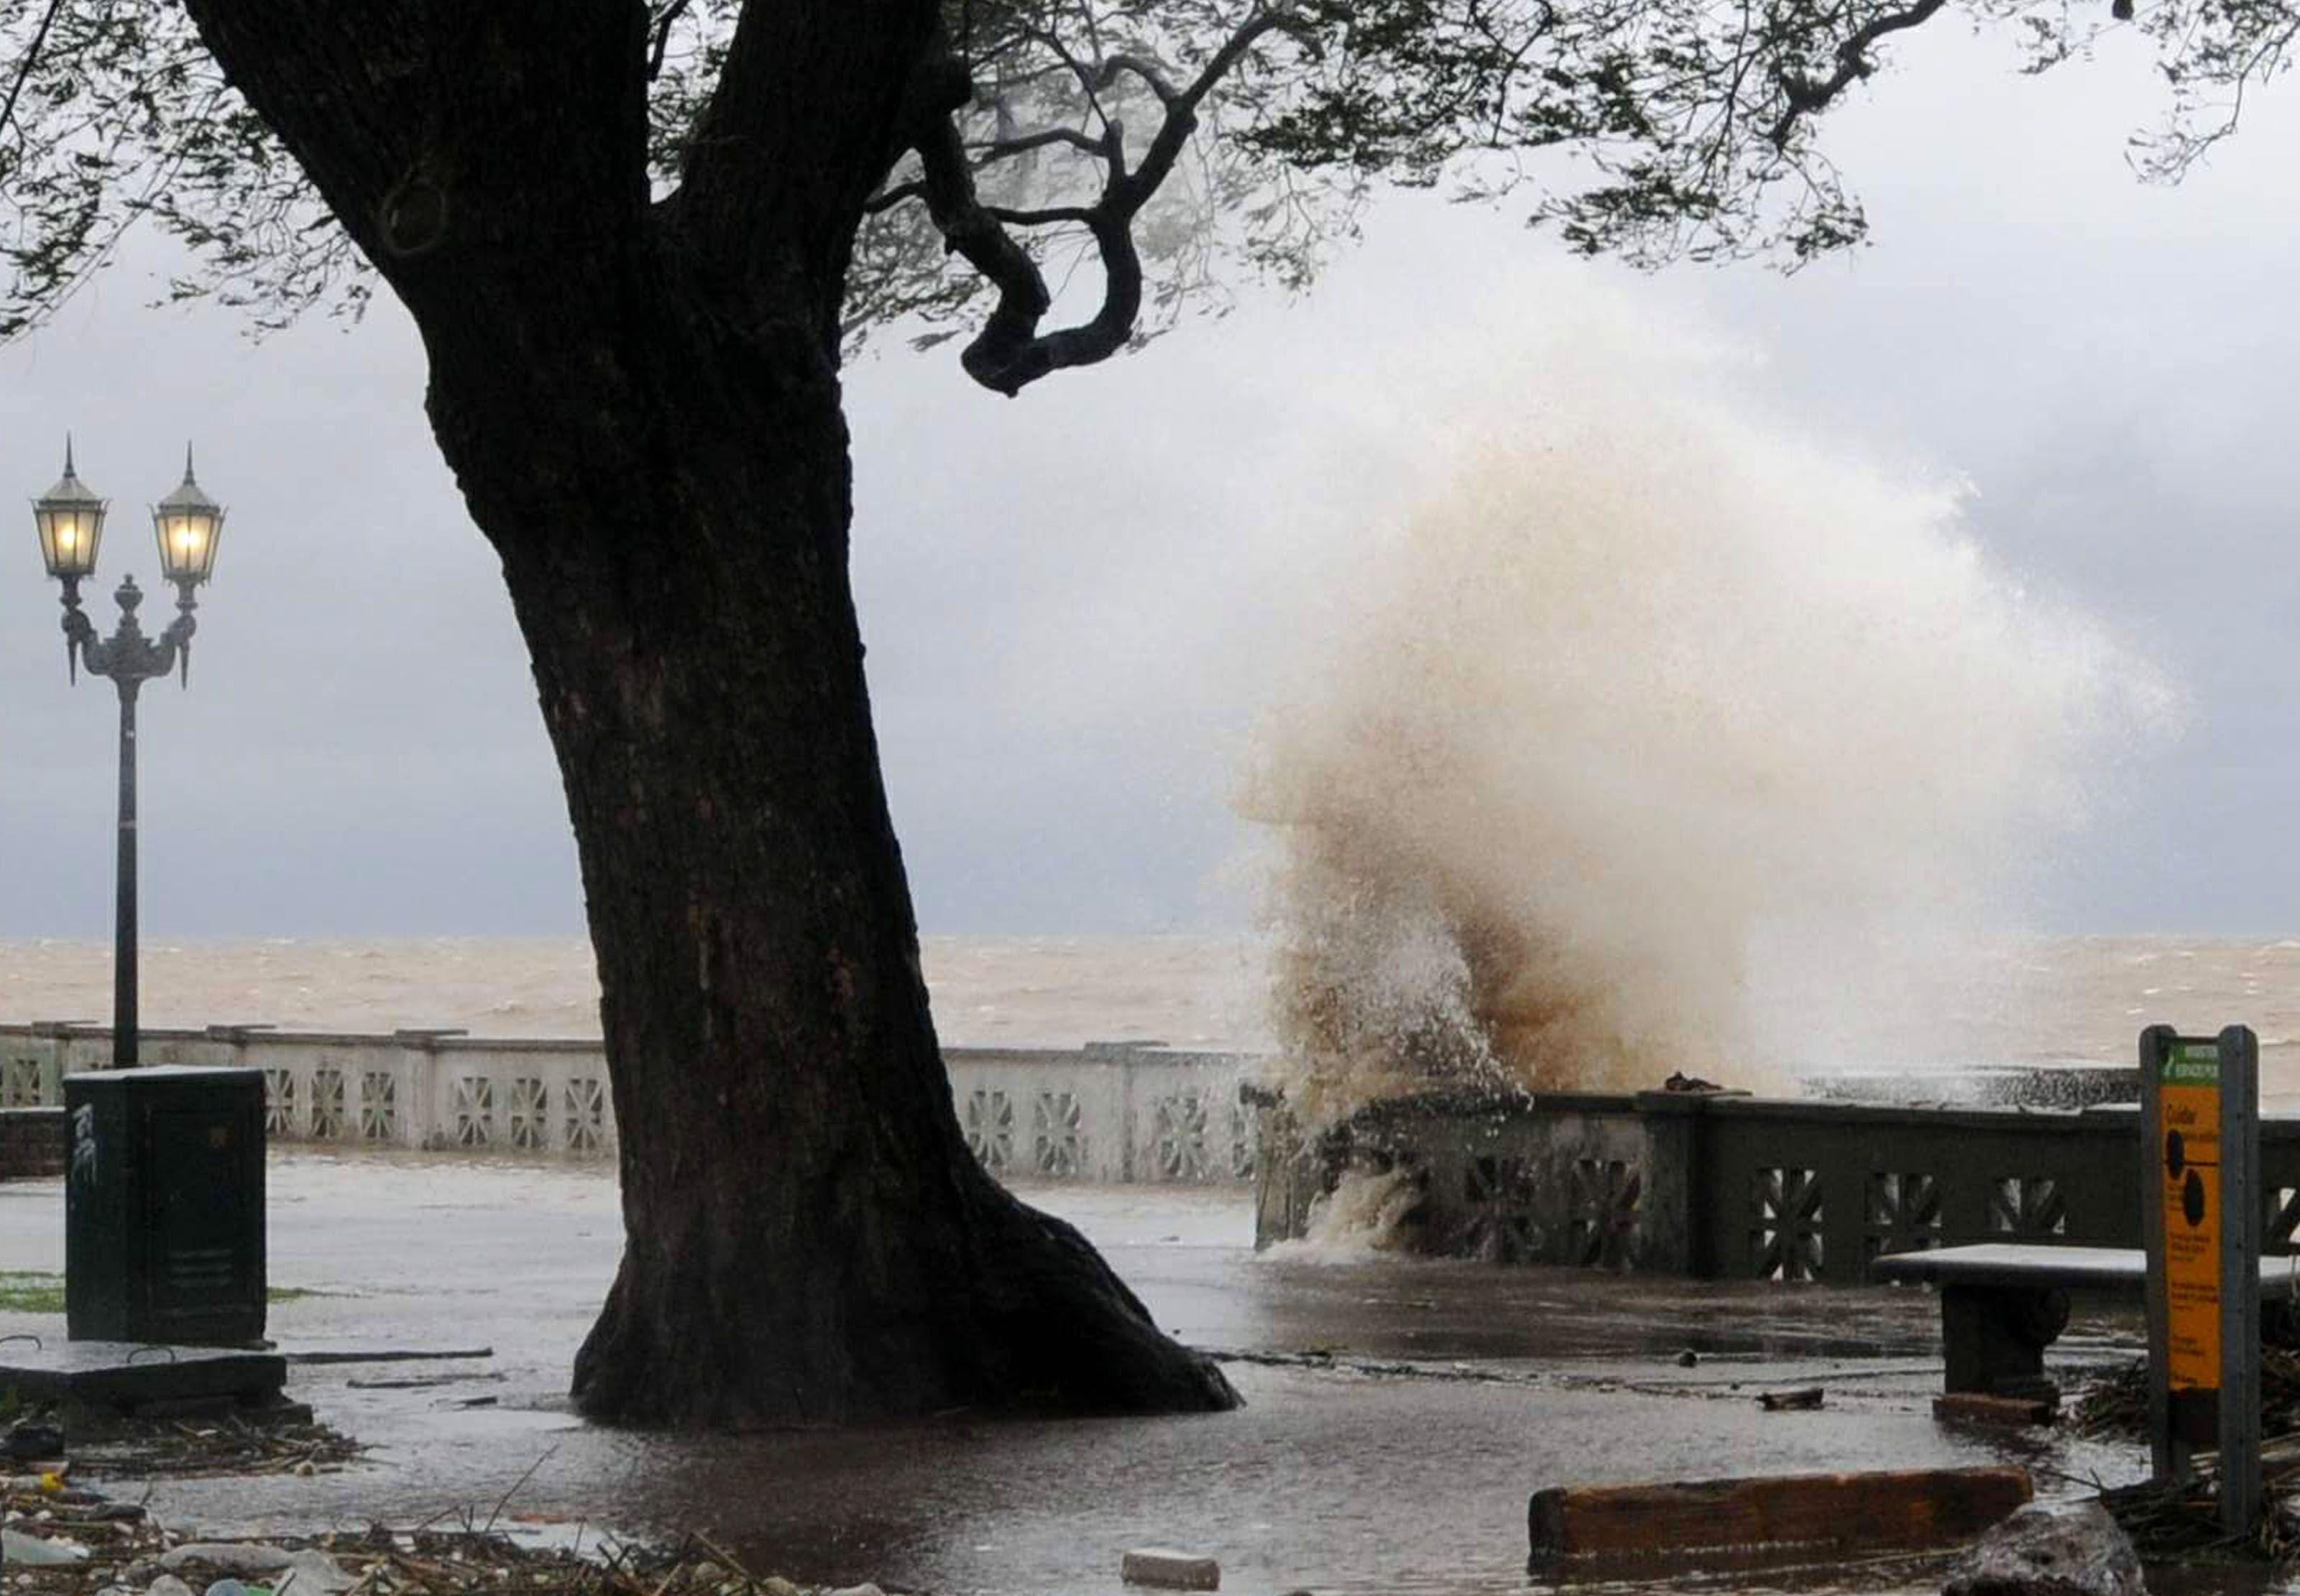 Rige un alerta por vientos intensos: éstas son las recomendaciones de la Ciudad